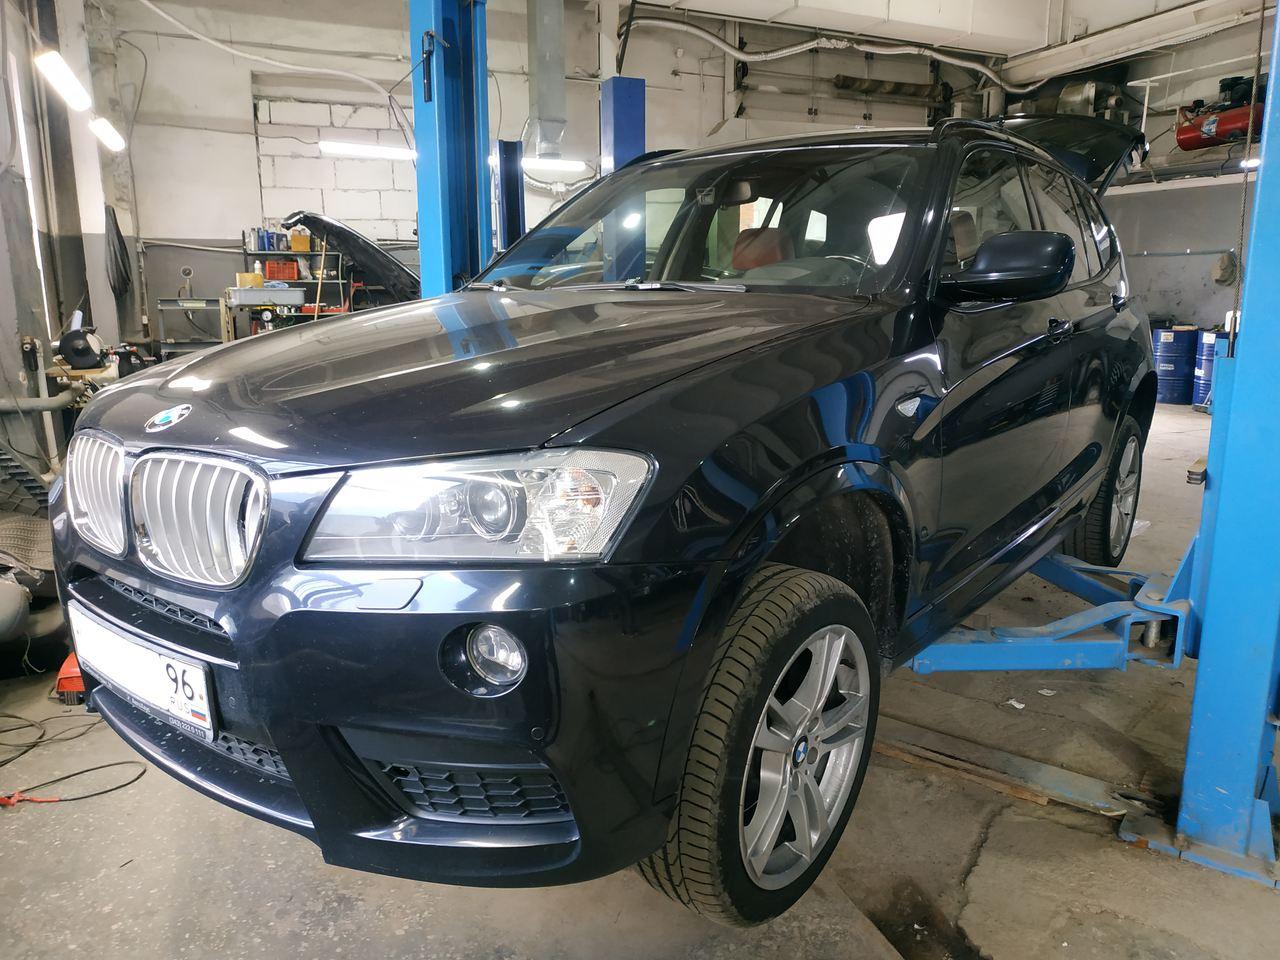 BMW F25 X3